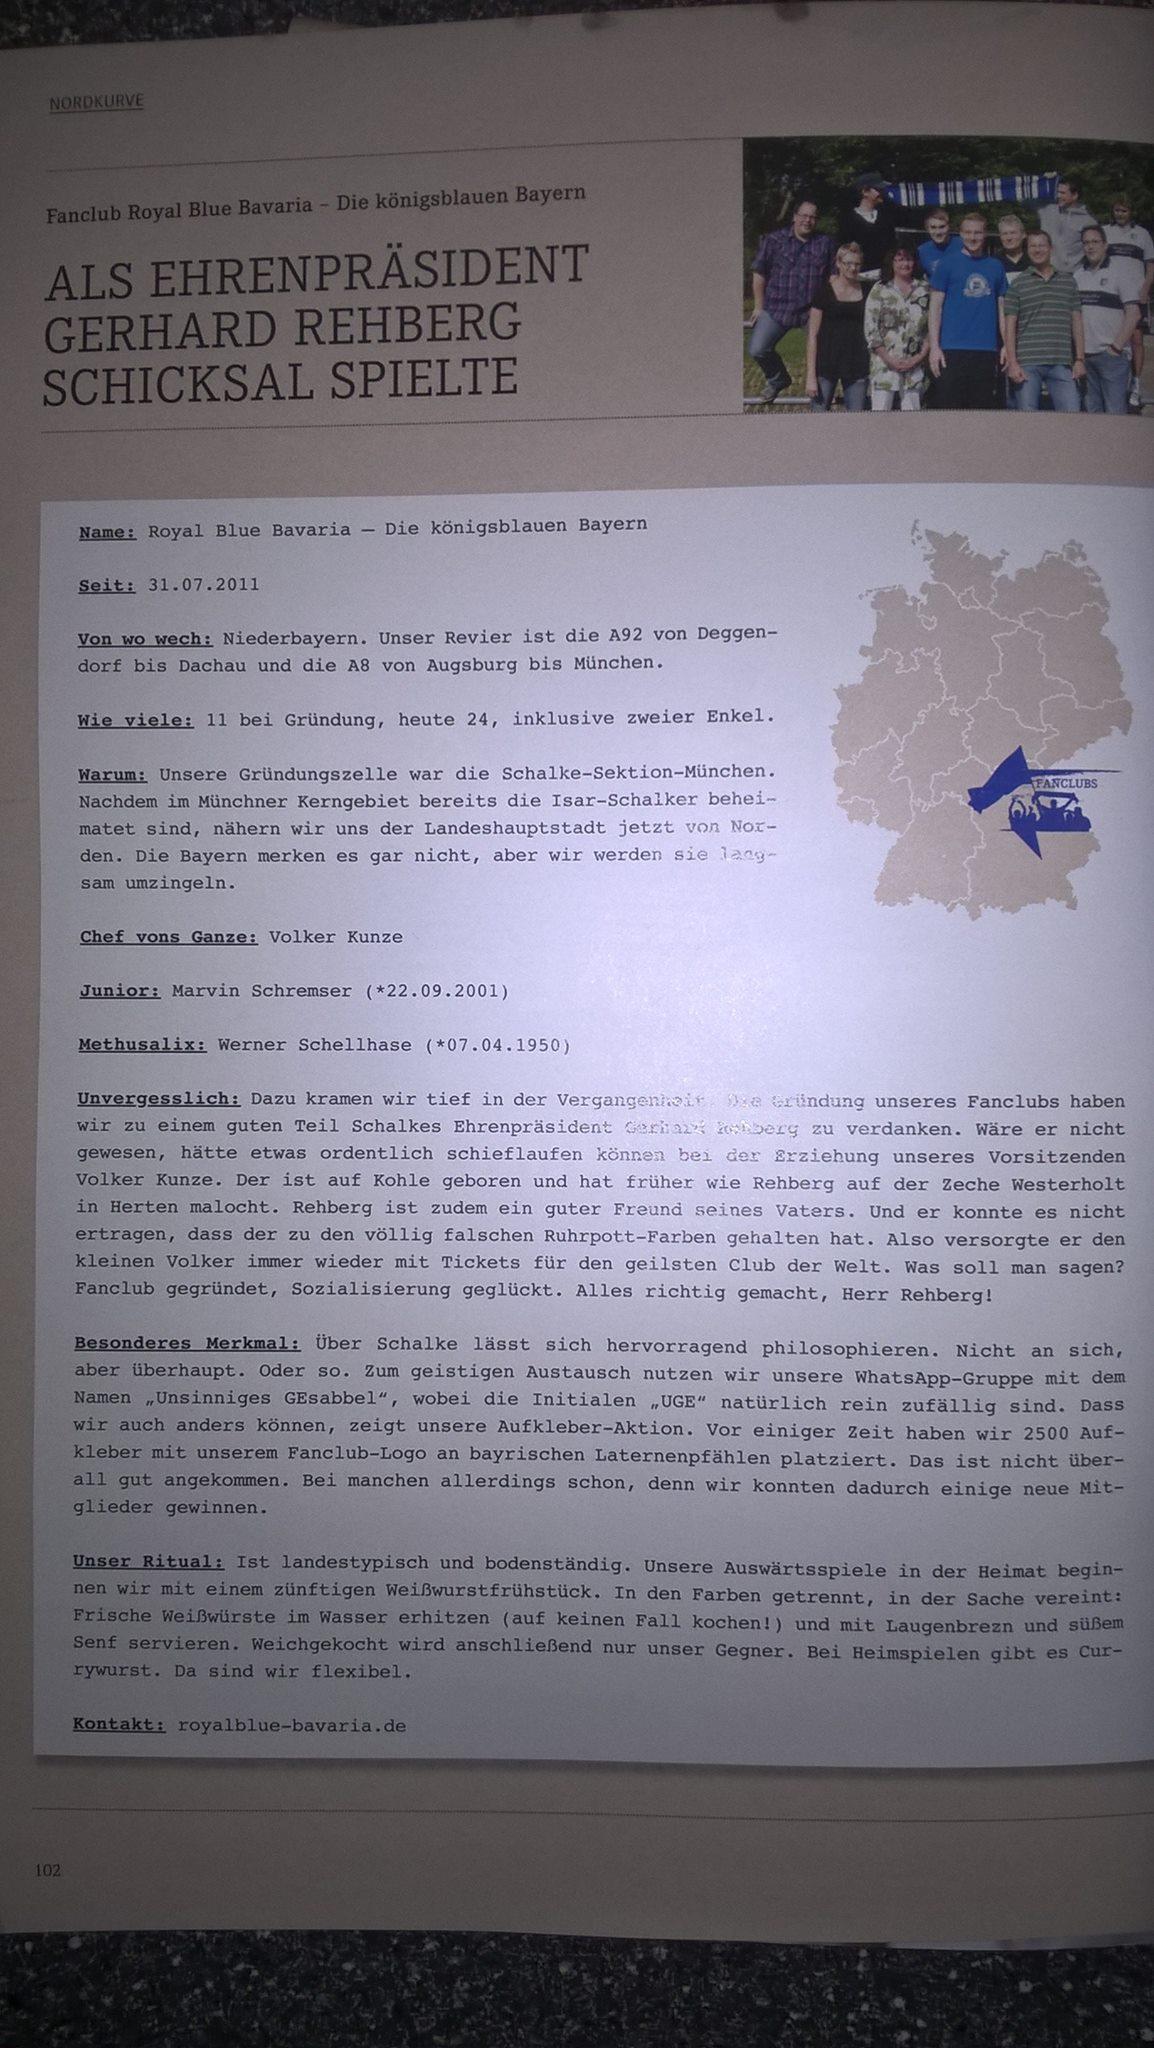 RBB Kreisel